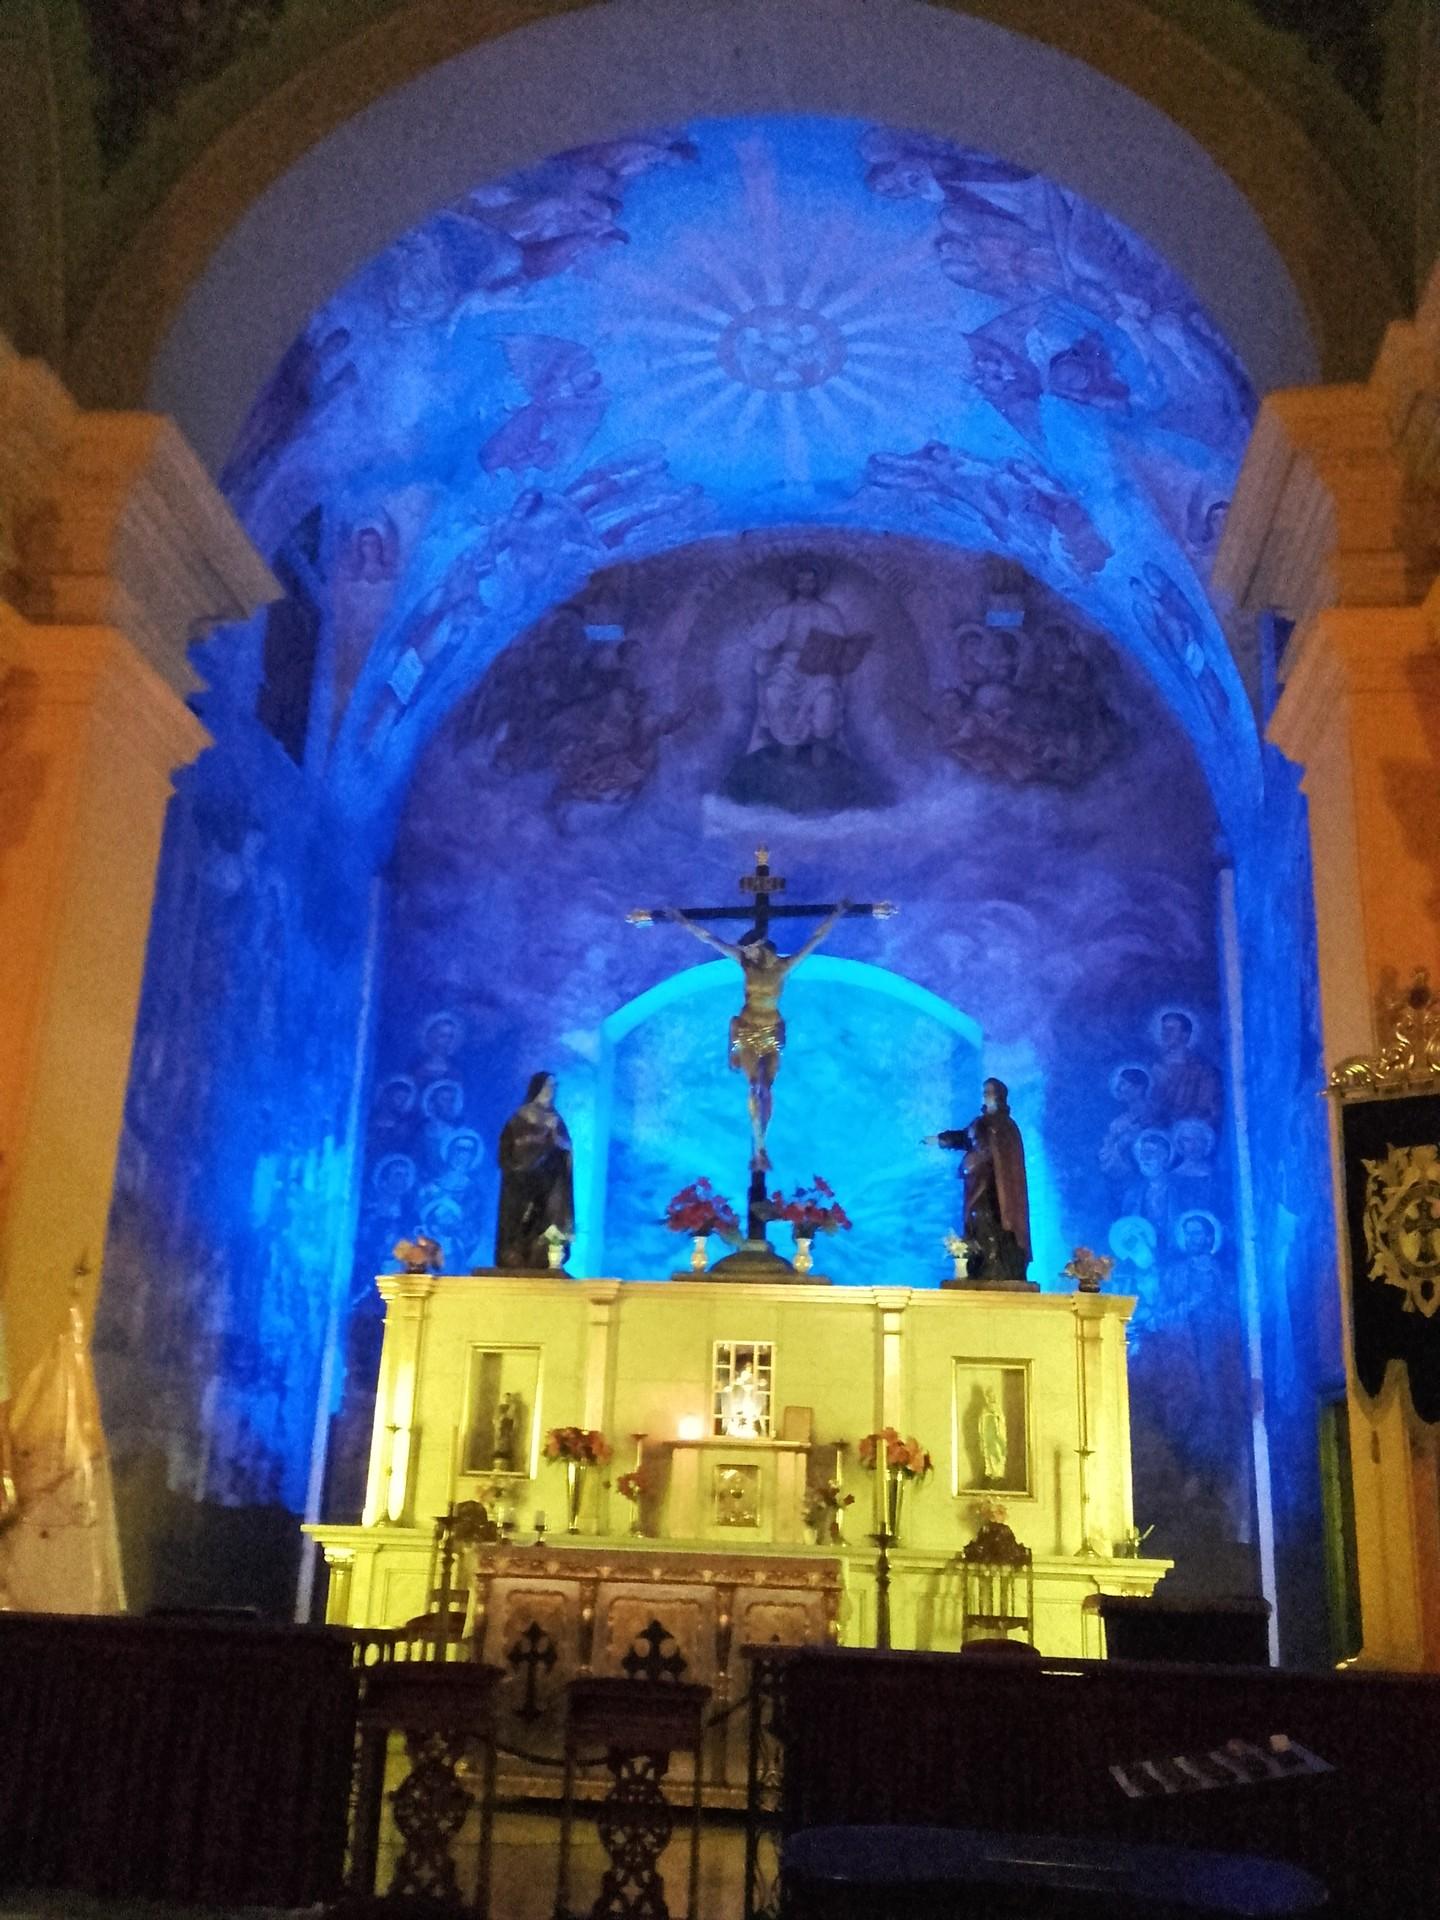 la-capilla-astilla-cruz-jesus-3567237ee6